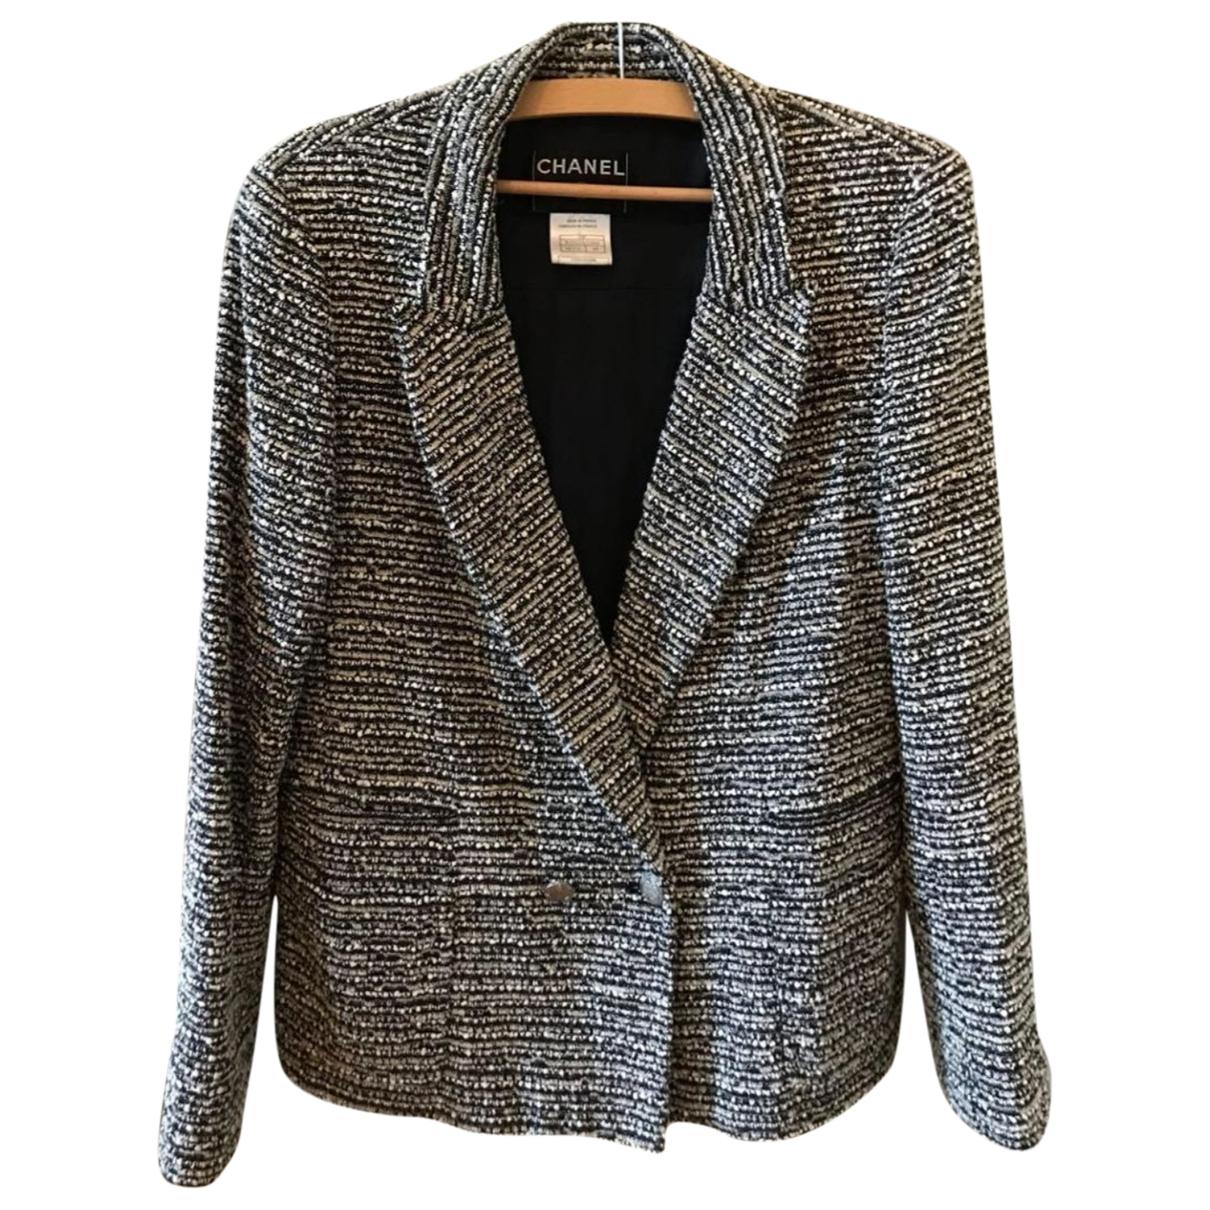 Chanel \N Jacke in  Bunt Wolle